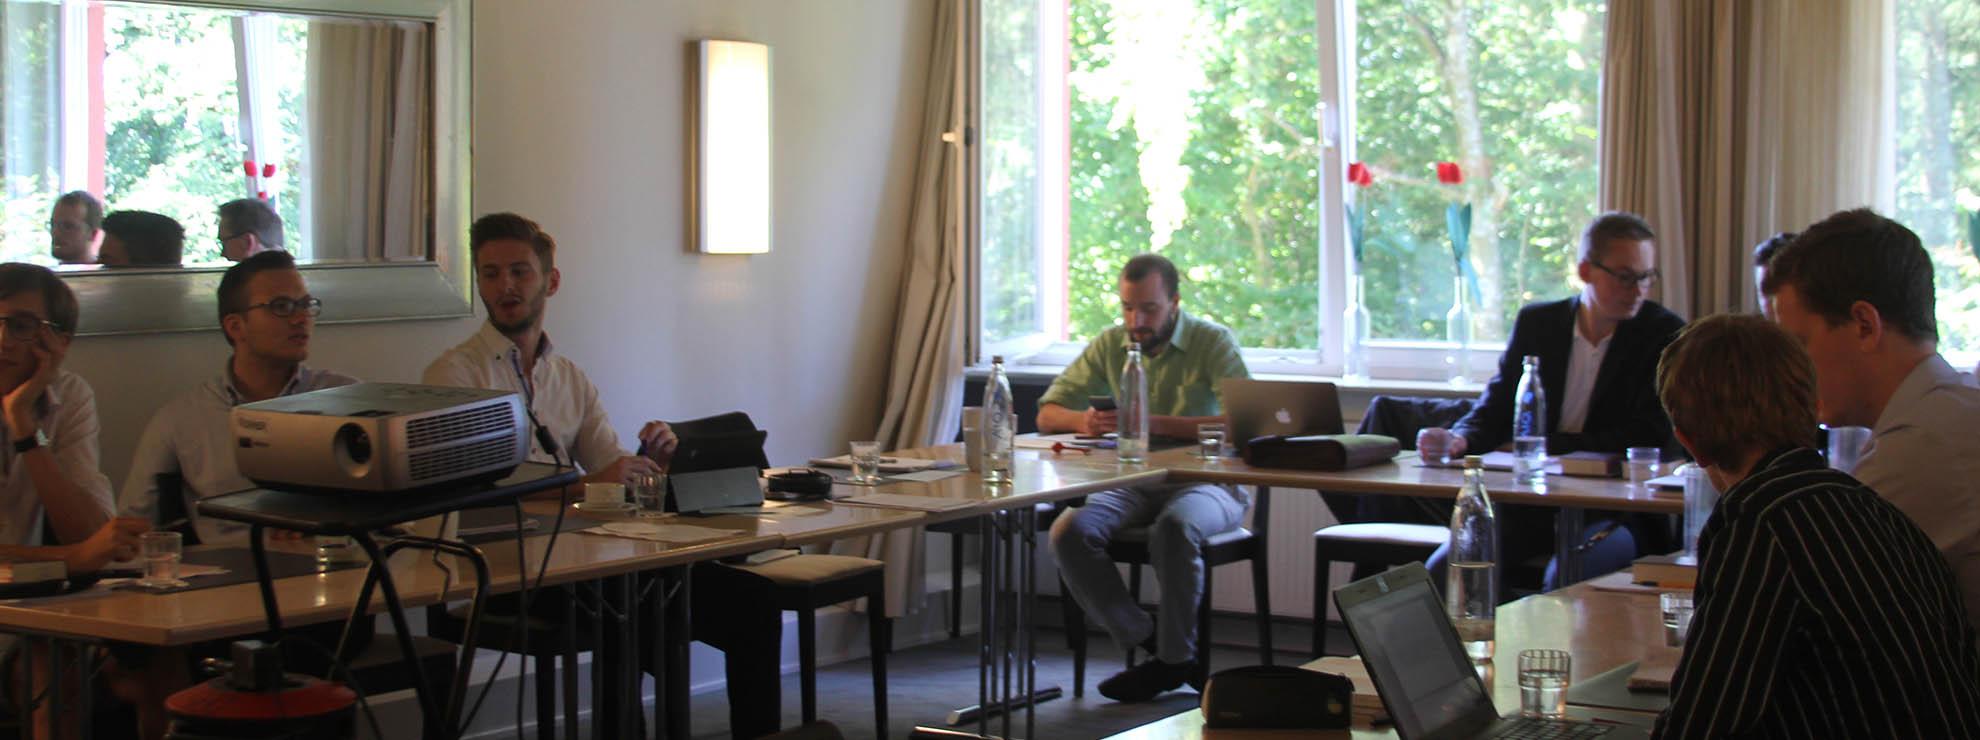 Vier Tagungsräume für Vorträge und Veranstaltungen